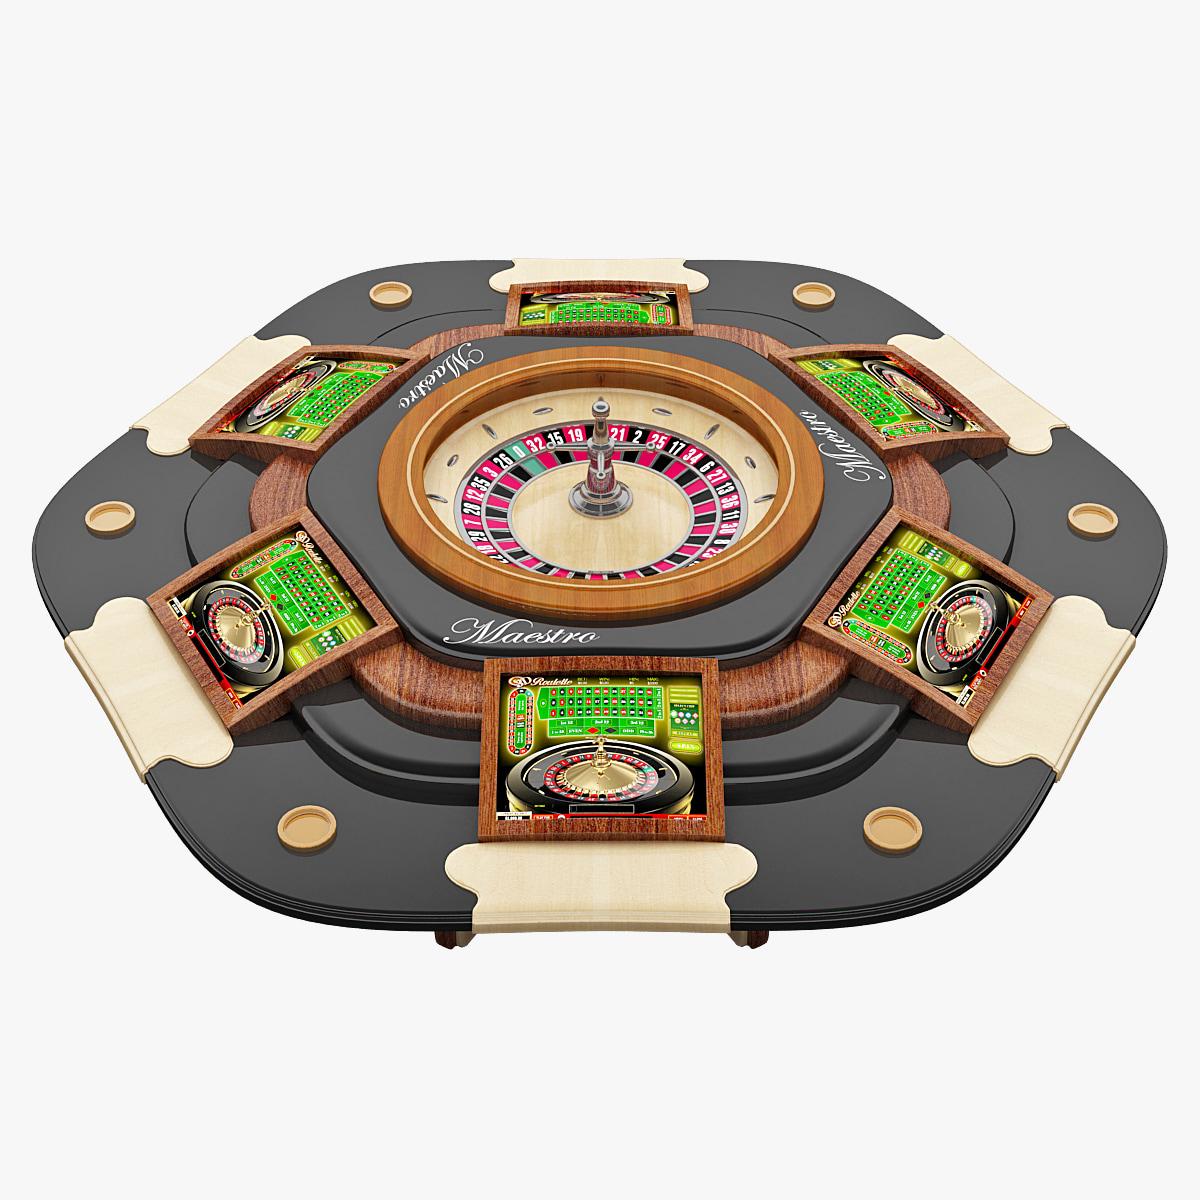 Roulette_Table_V3_0000_2.jpg